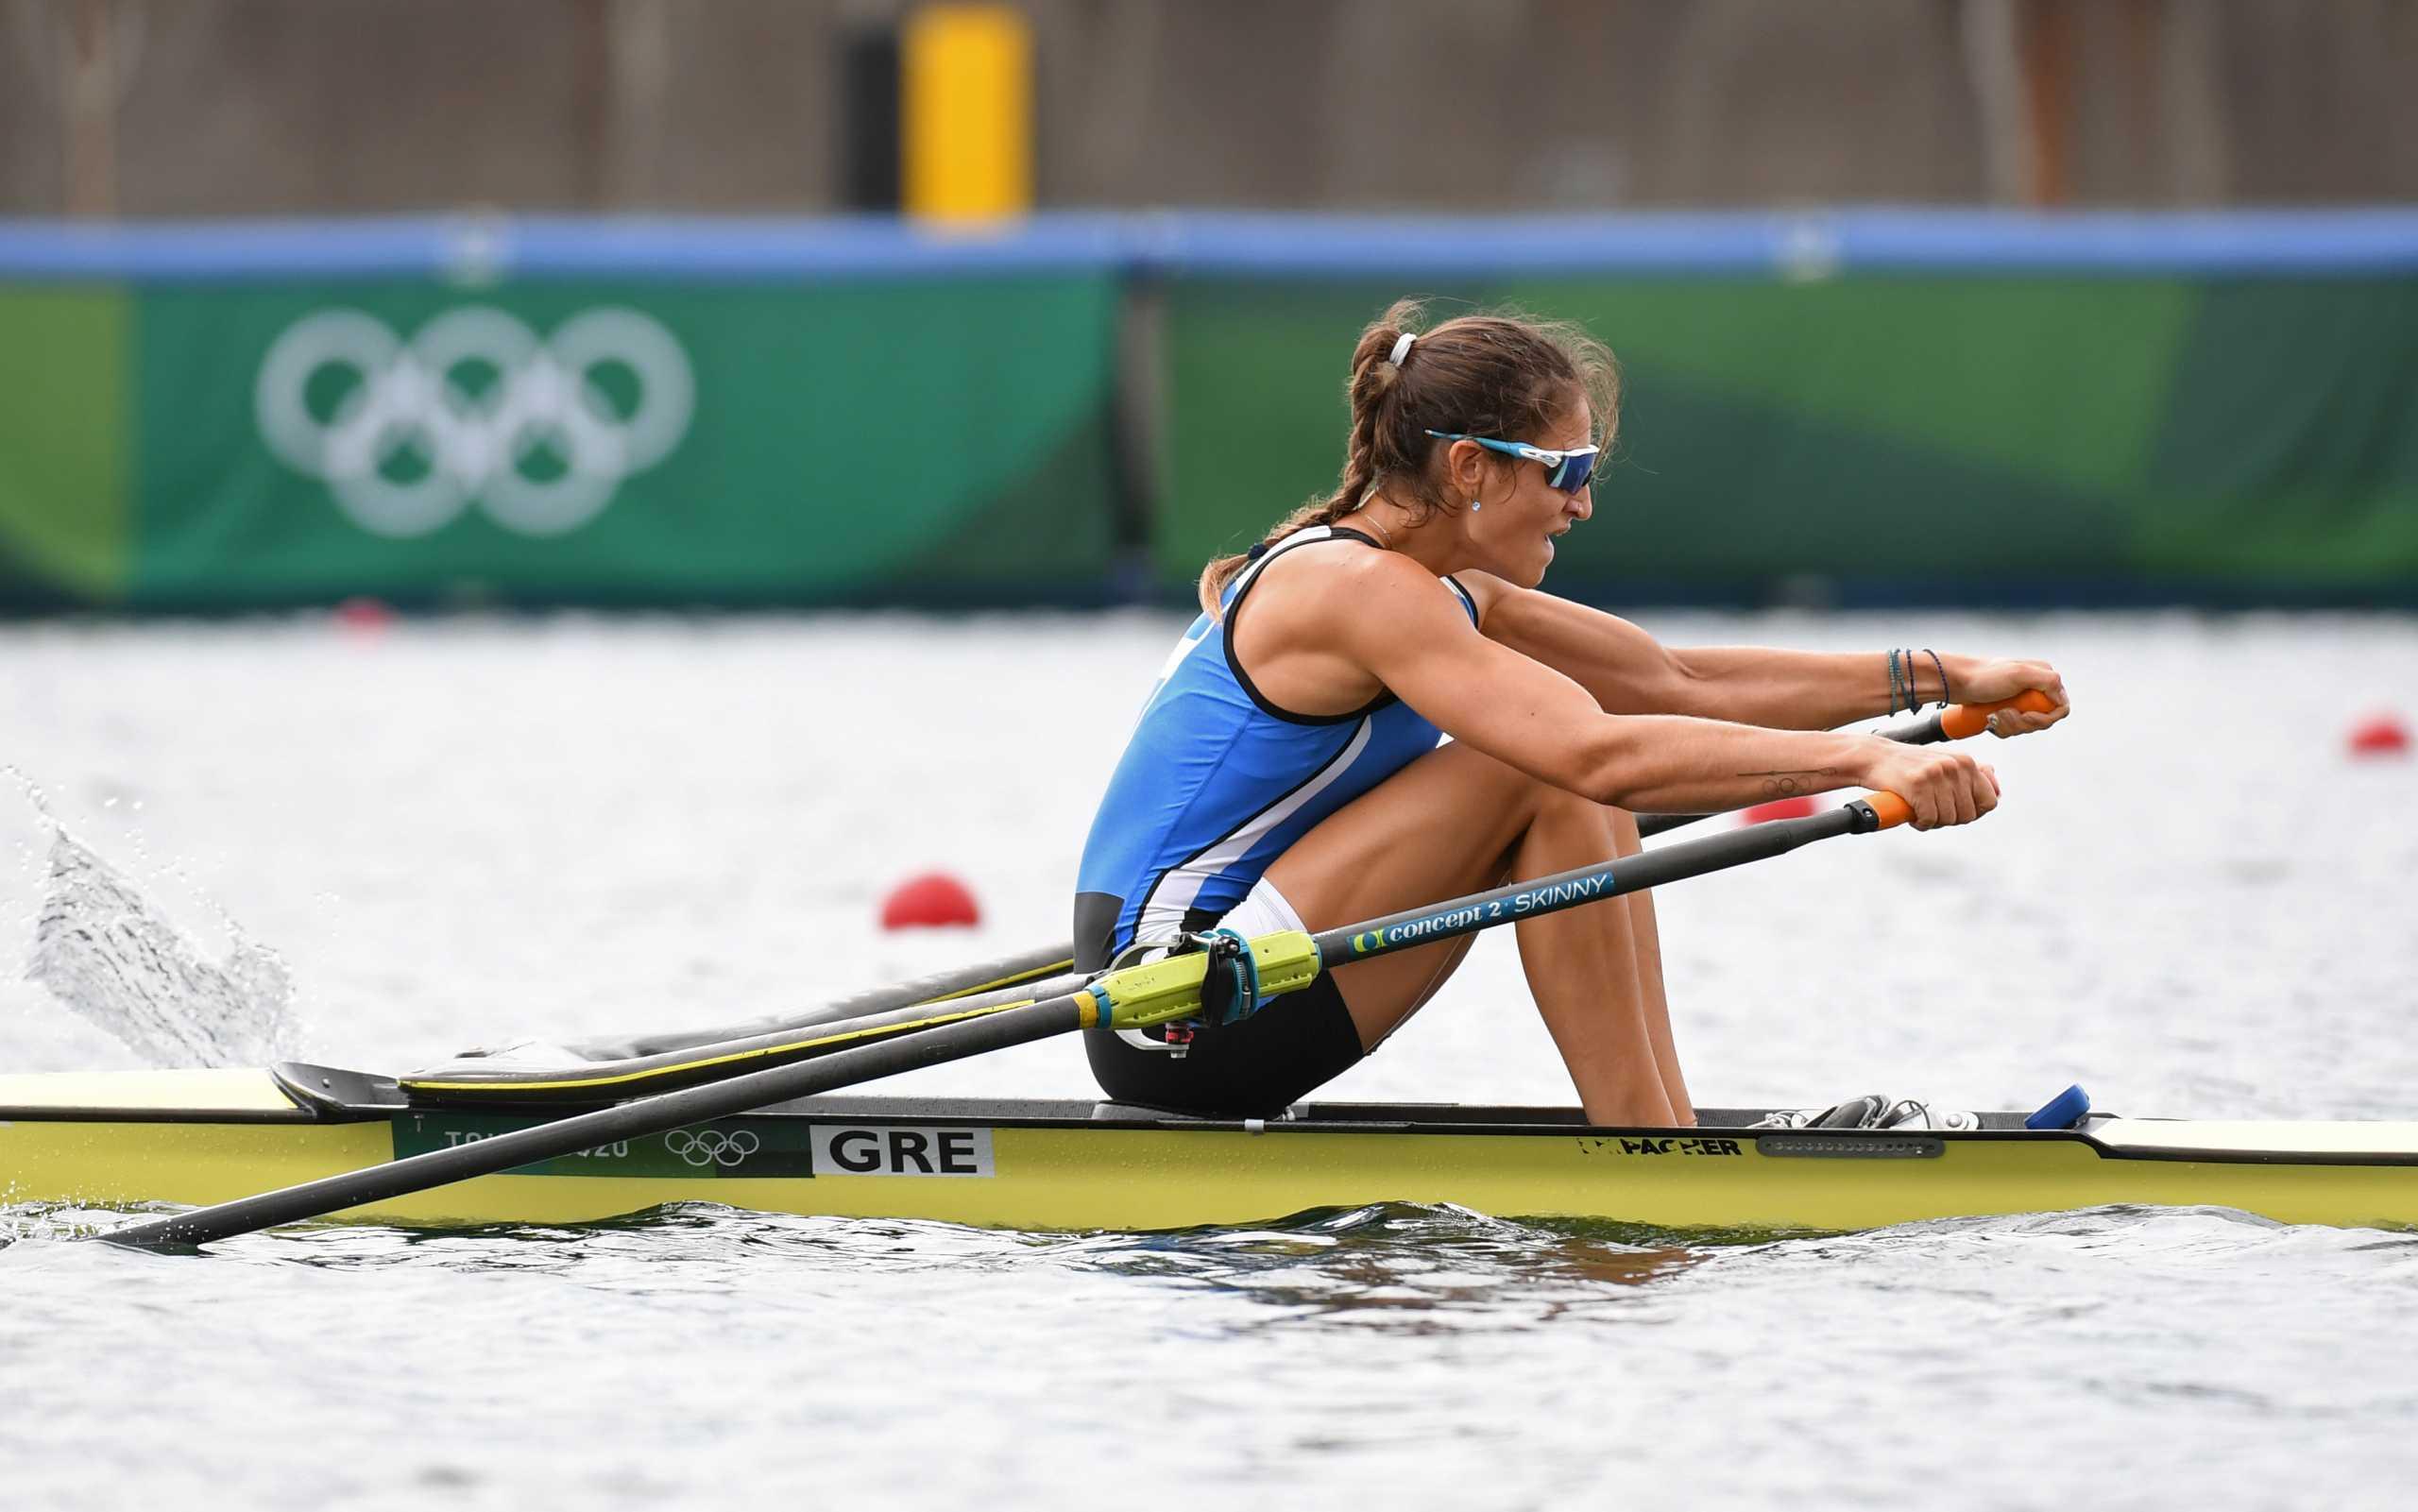 Ολυμπιακοί Αγώνες – Κωπηλασία: Η Αννέτα Κυρίδου κατέλαβε τη 10η θέση